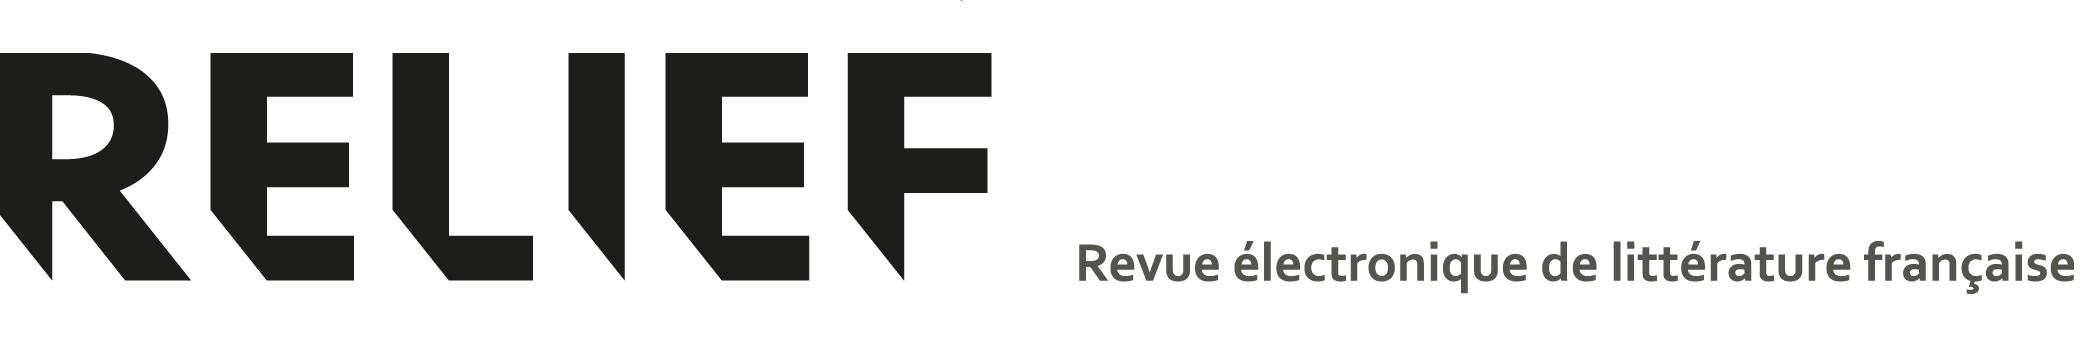 Sociologie de la médiation littéraire (<em>RELIEF, Revue électronique de littérature française</em>)